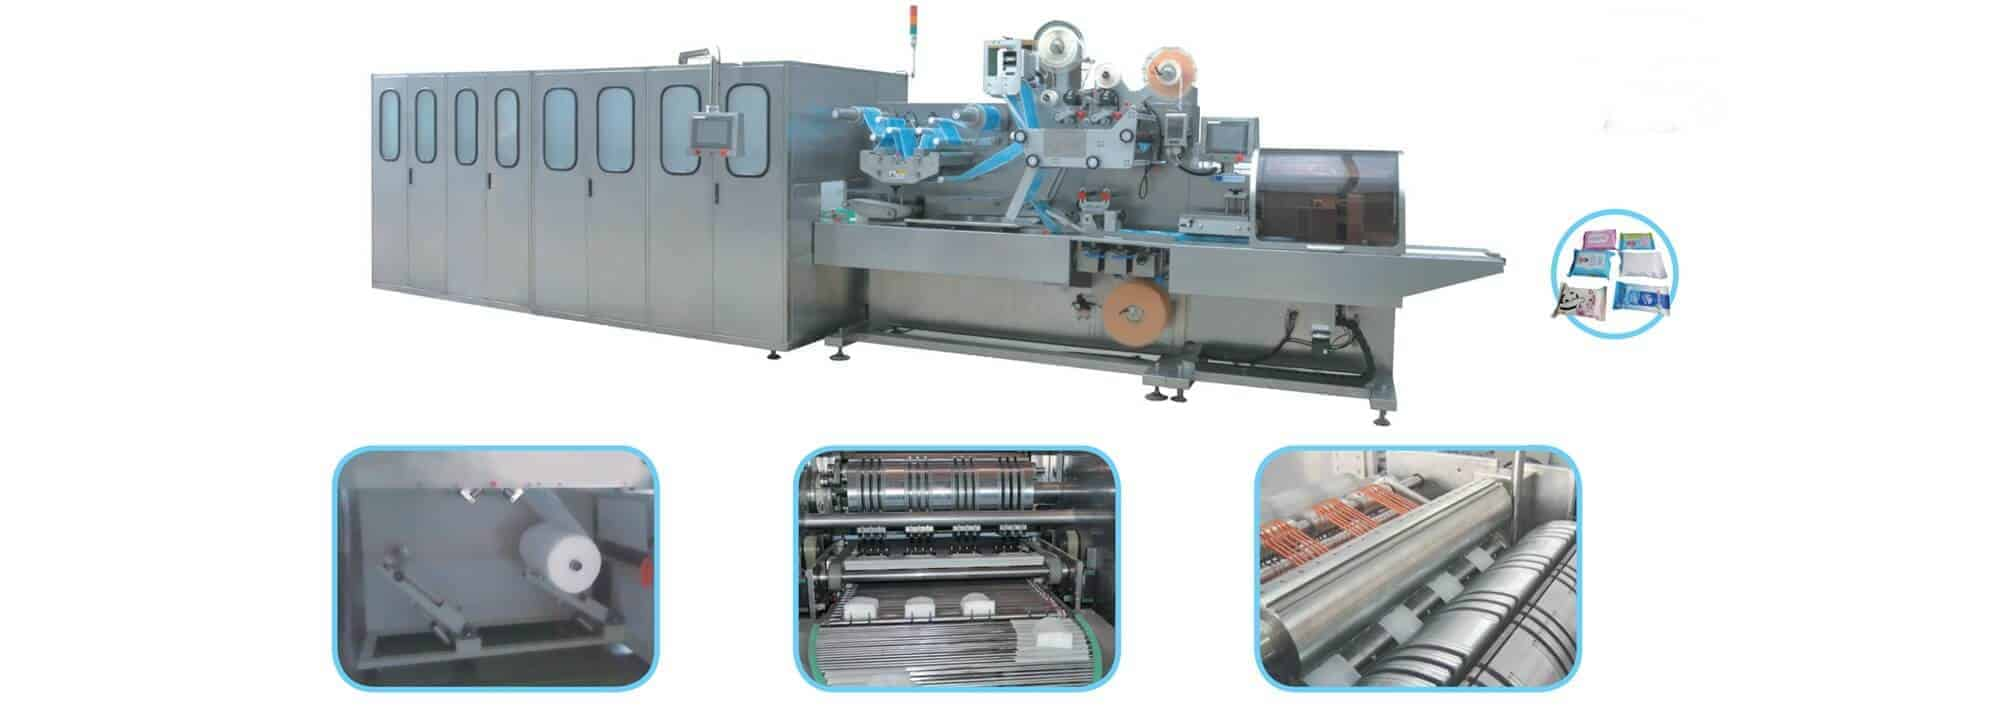 UT FL4 - UT-FL4 Cross fold wet wipes production line (5-30pcs/pack)